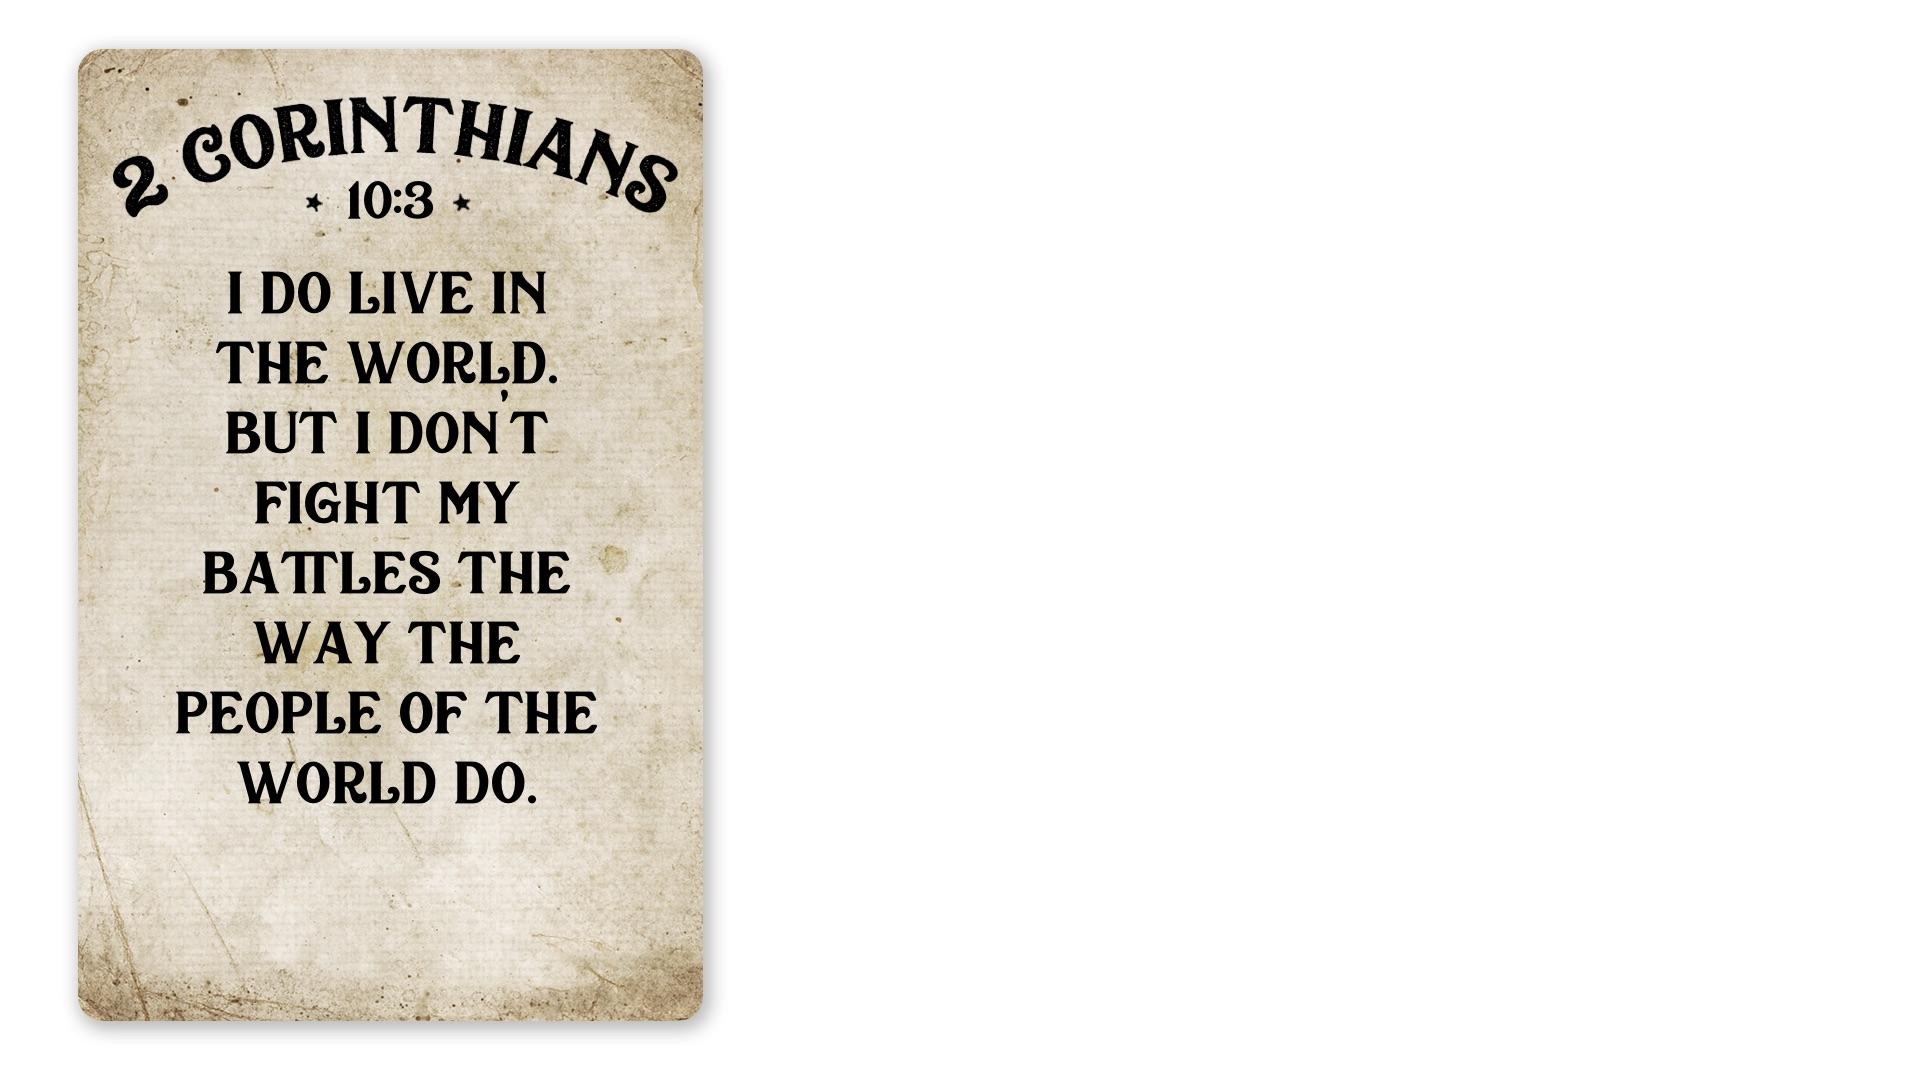 04 - 2 Corinthians 10:3 (PNG)